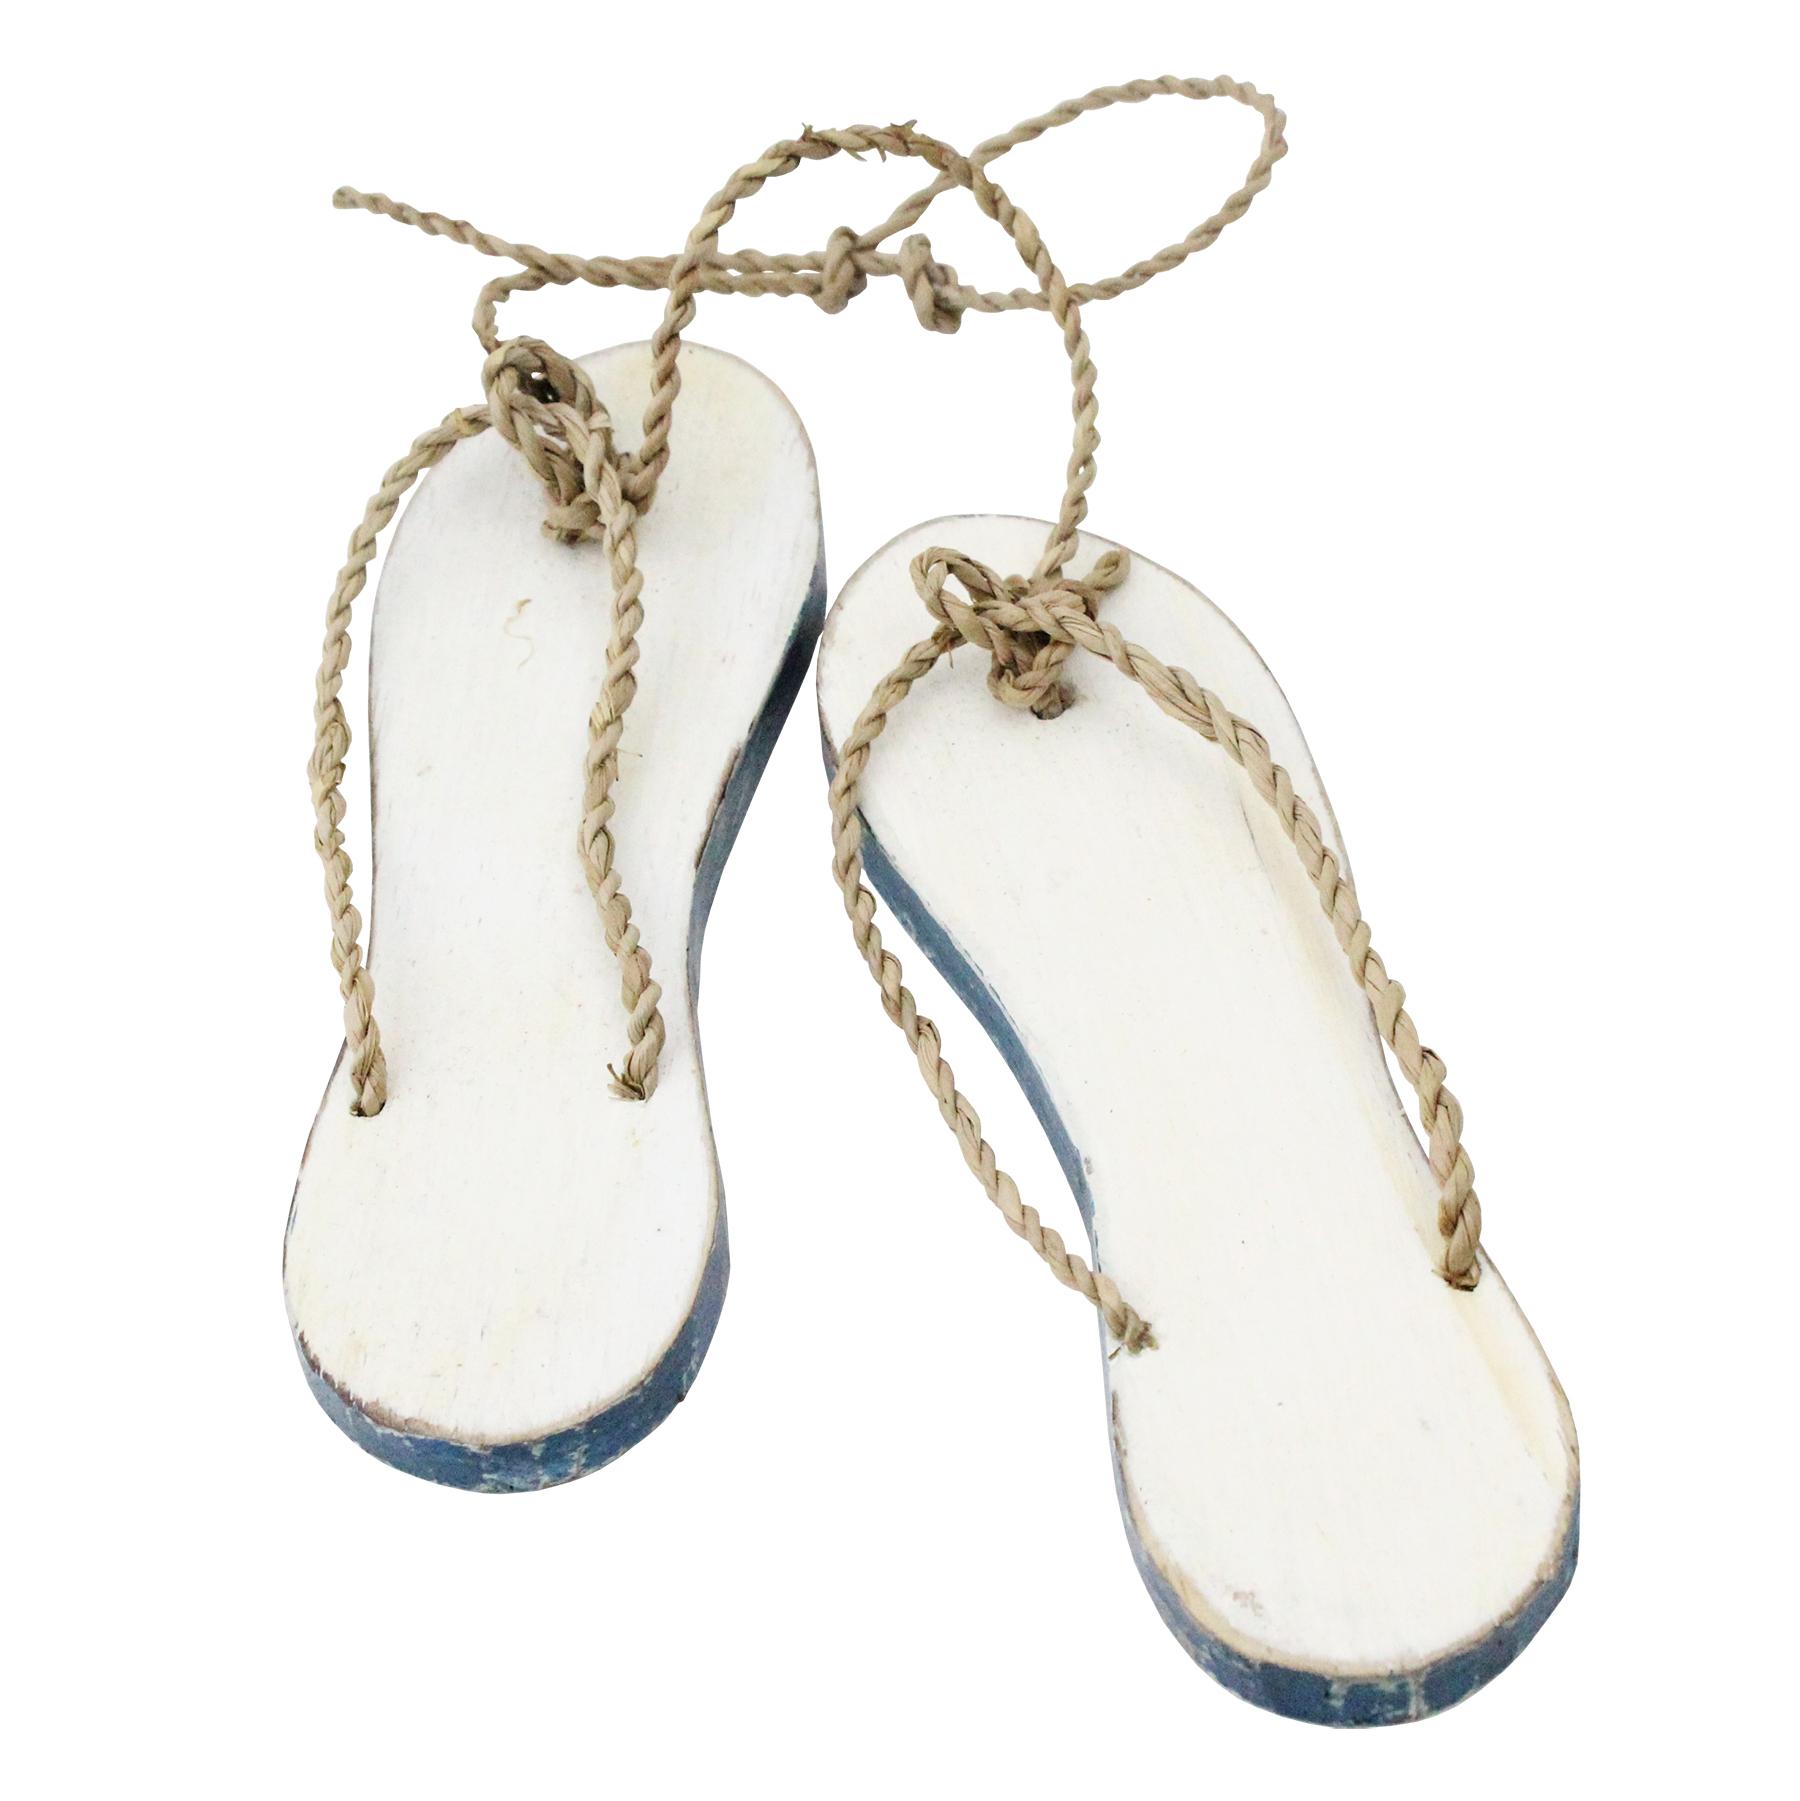 310B - Beach Sandal Pair White with Blue